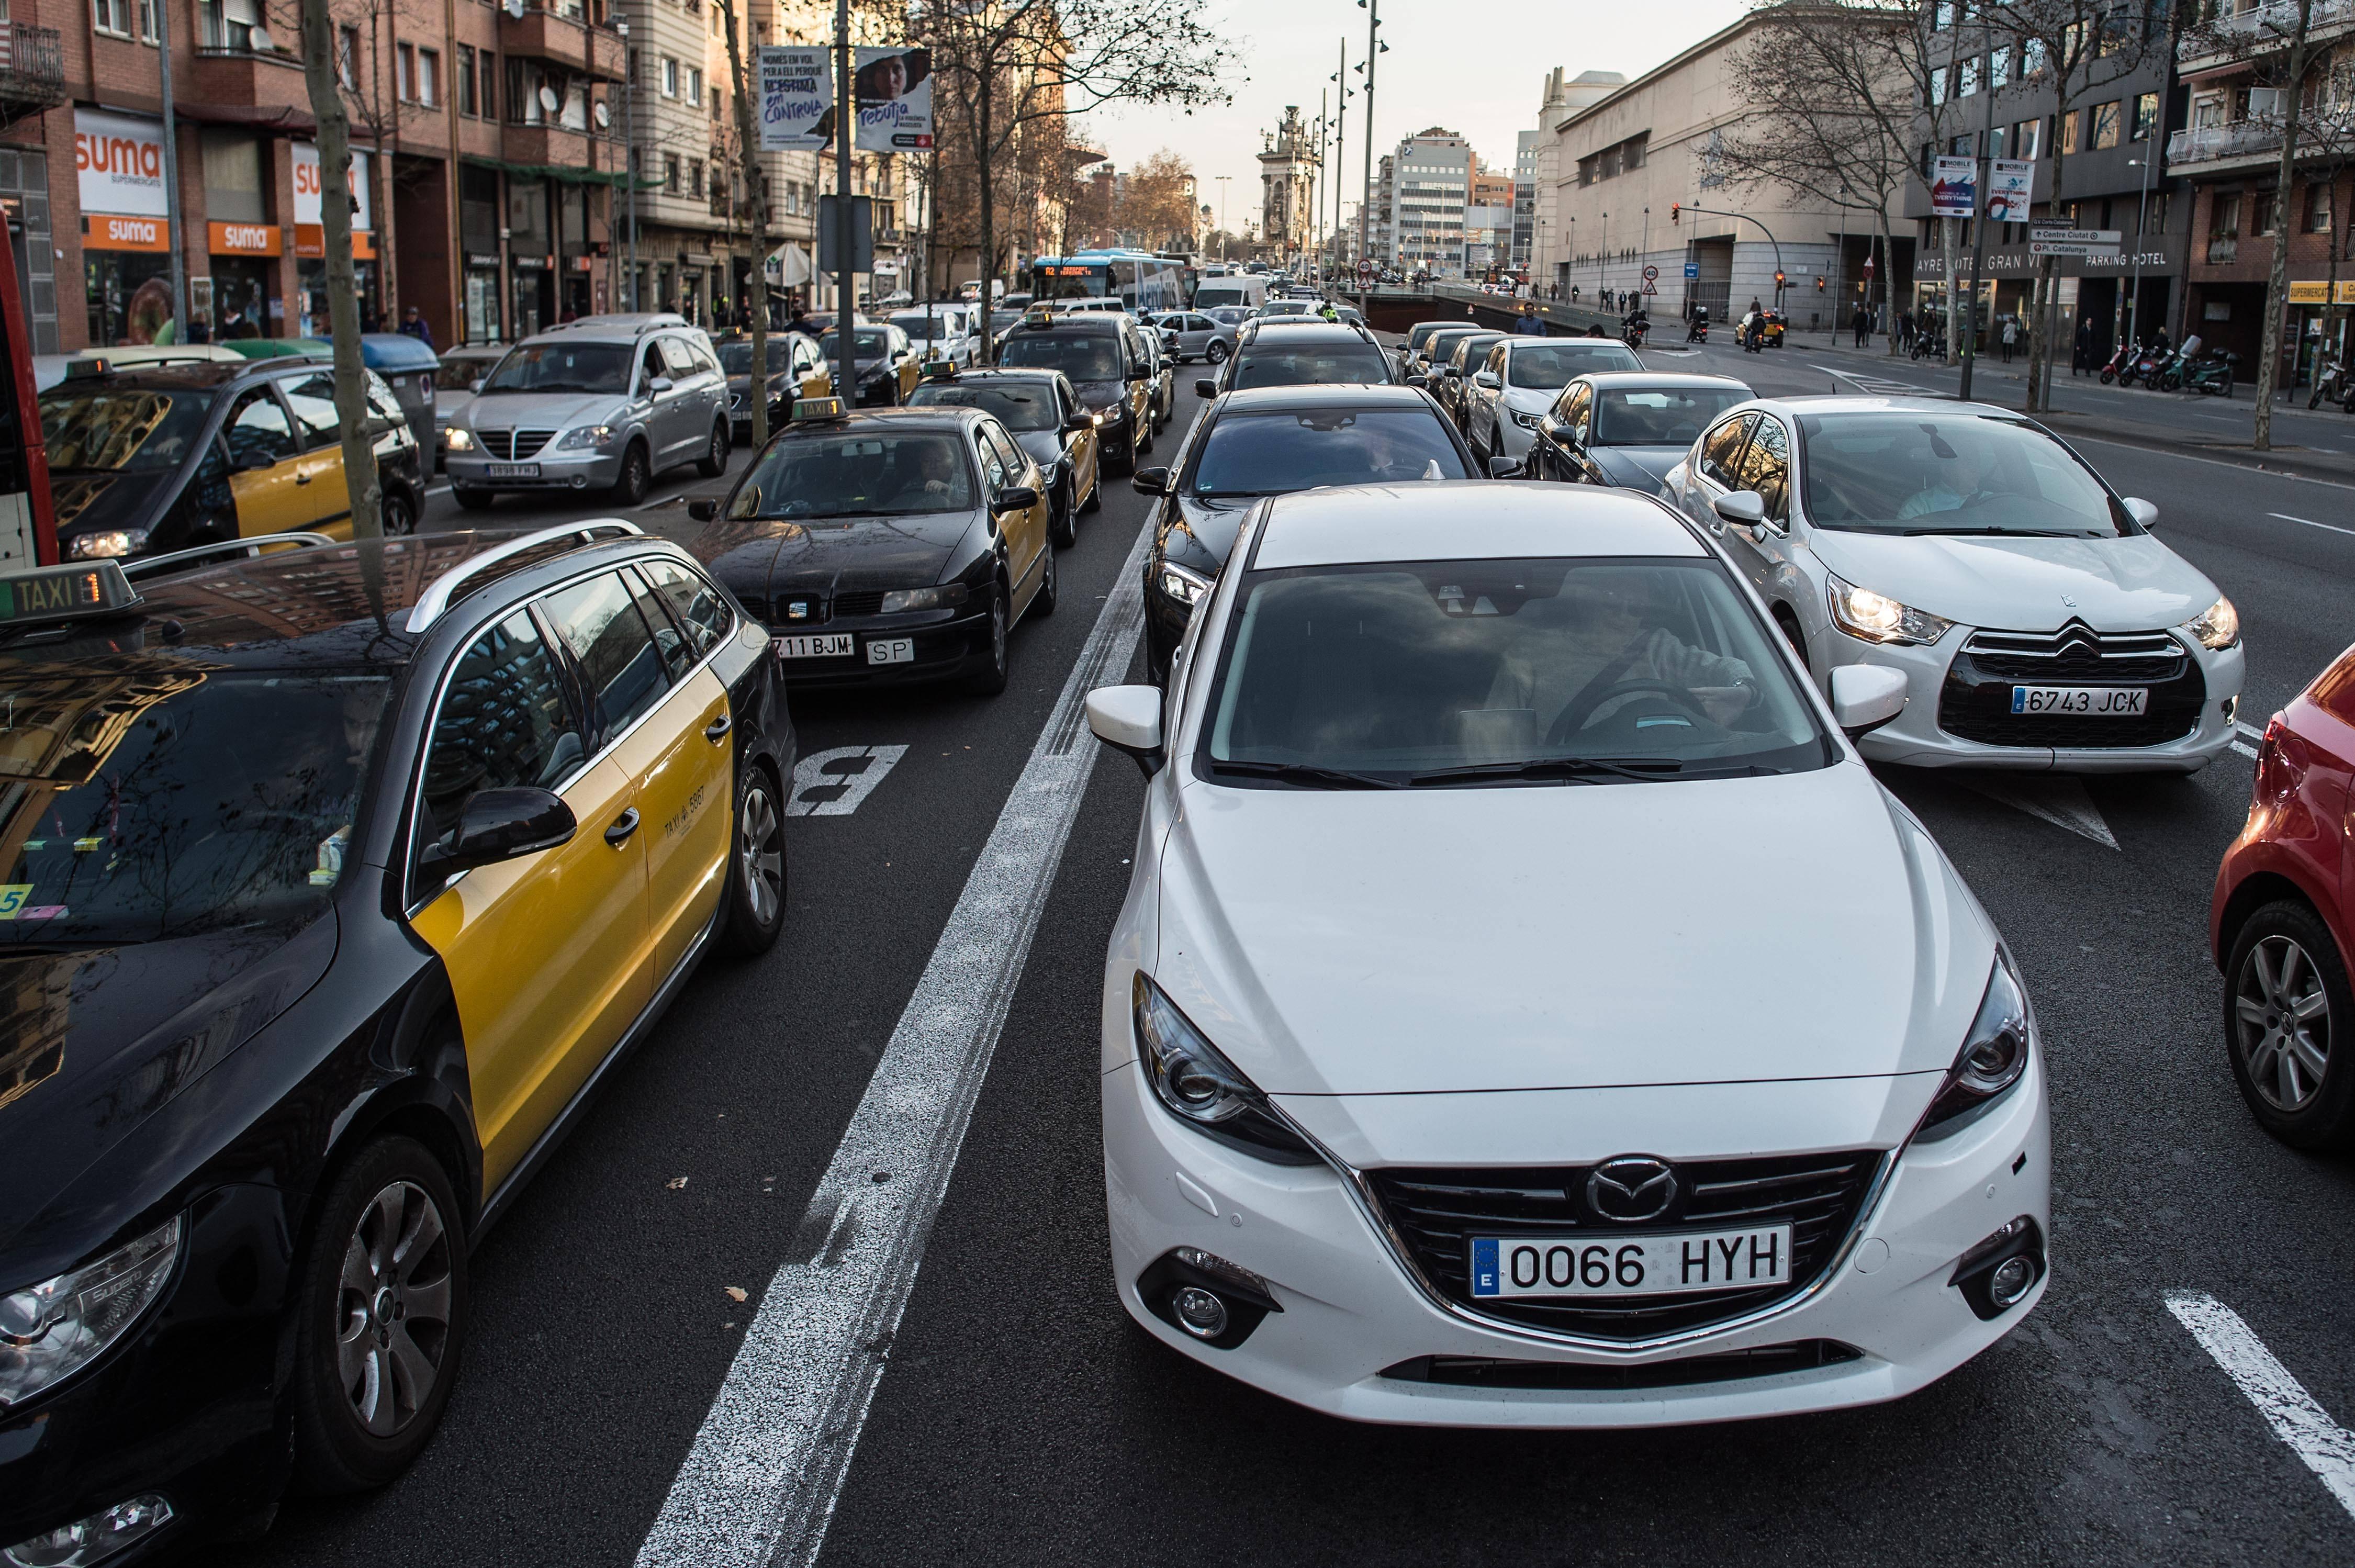 Unos pocos carros autónomos serían suficientes para acabar con la congestión vehicular en las carreteras